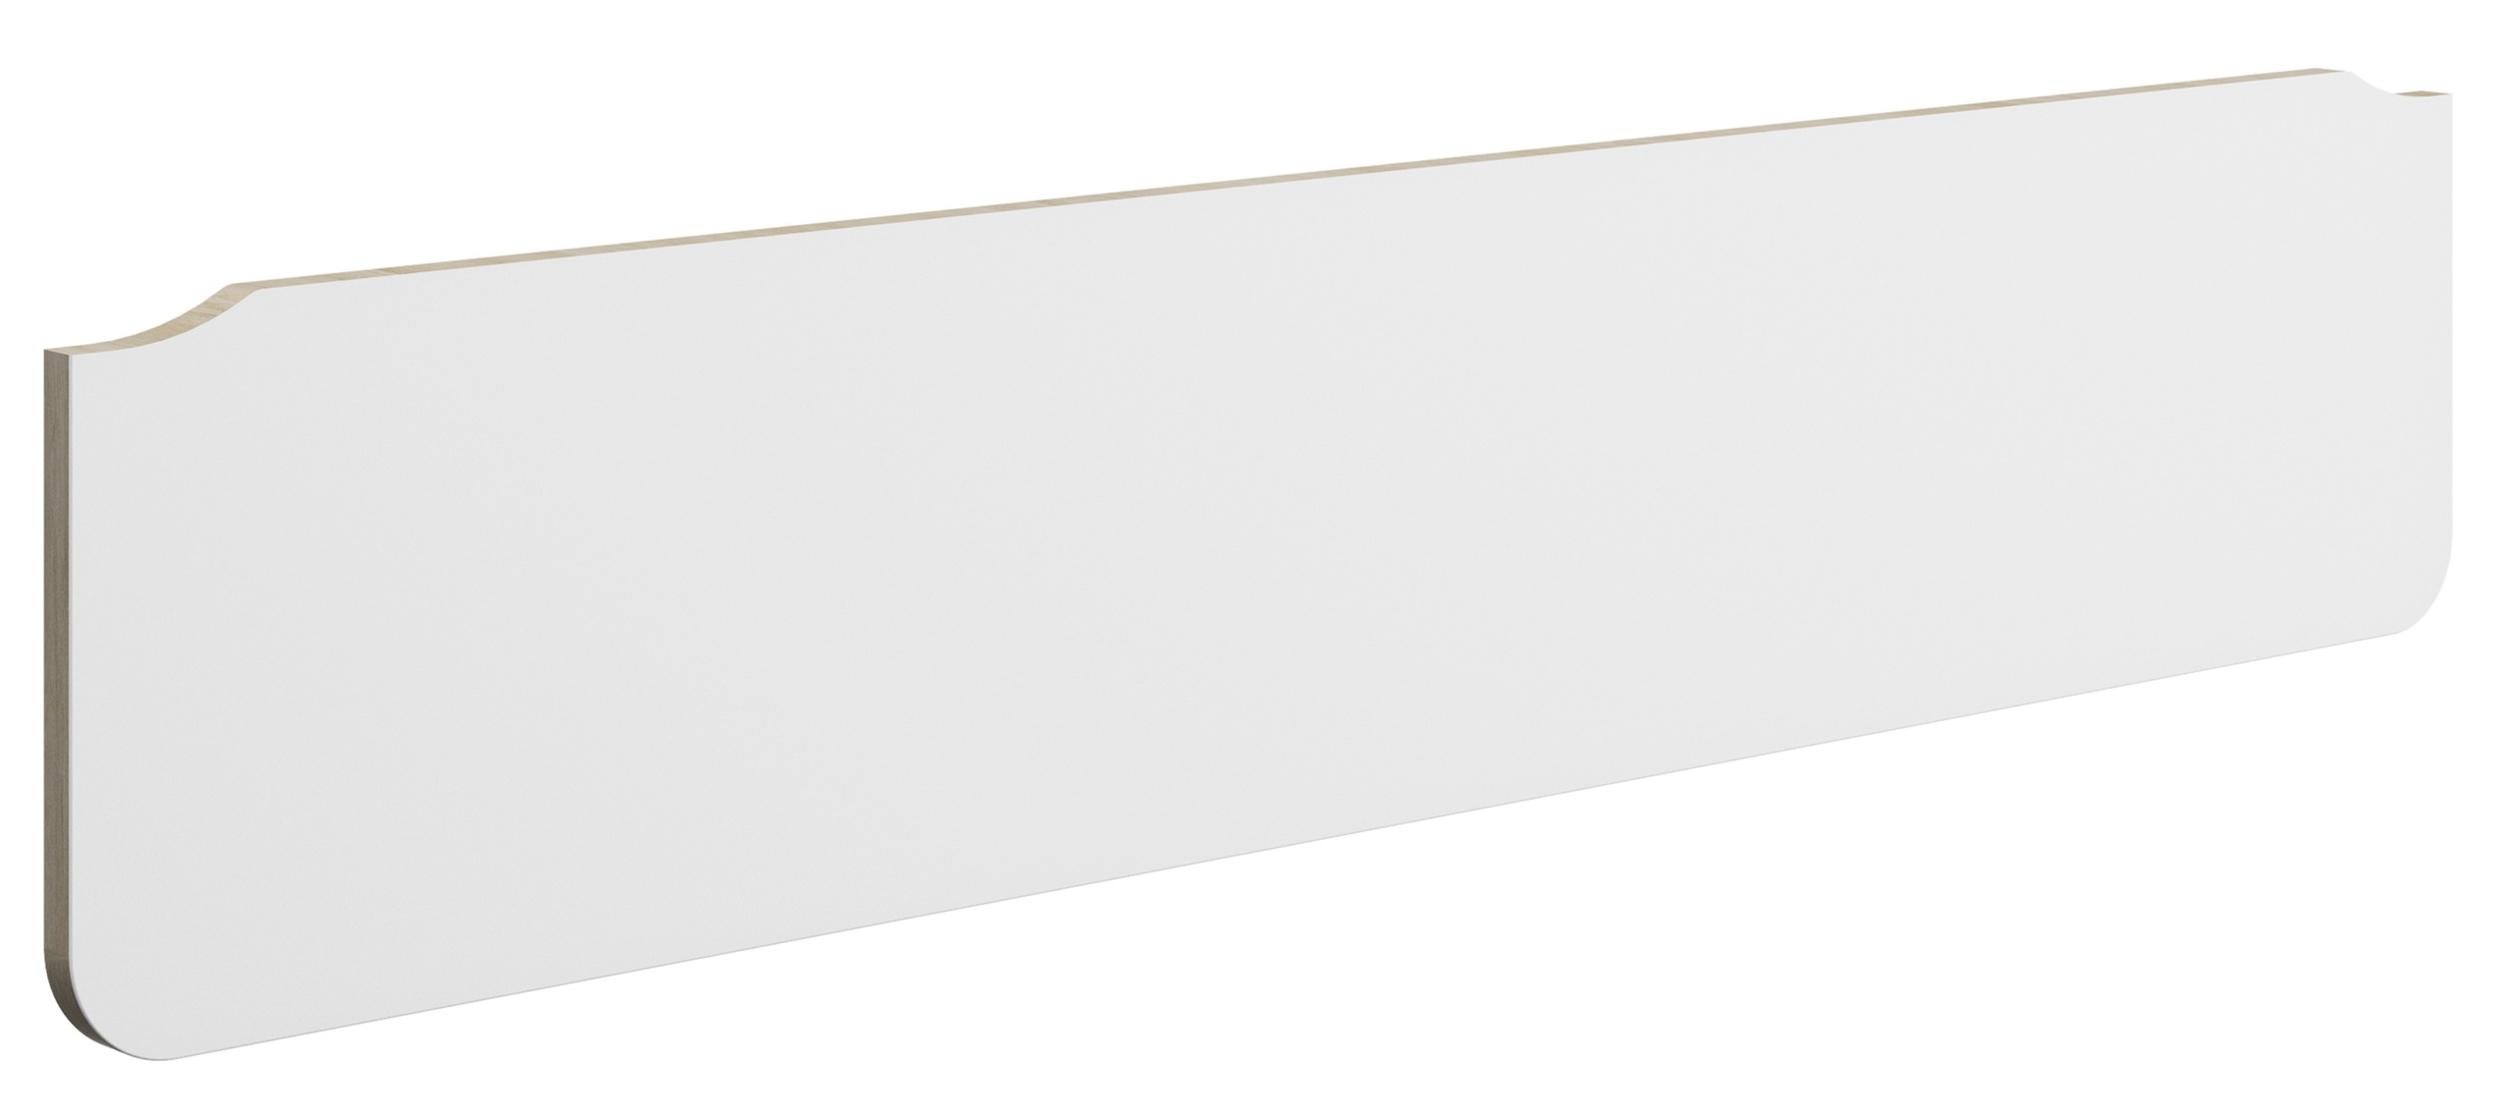 ARTEFACT VOILE DE FOND 120CM POUR S19112